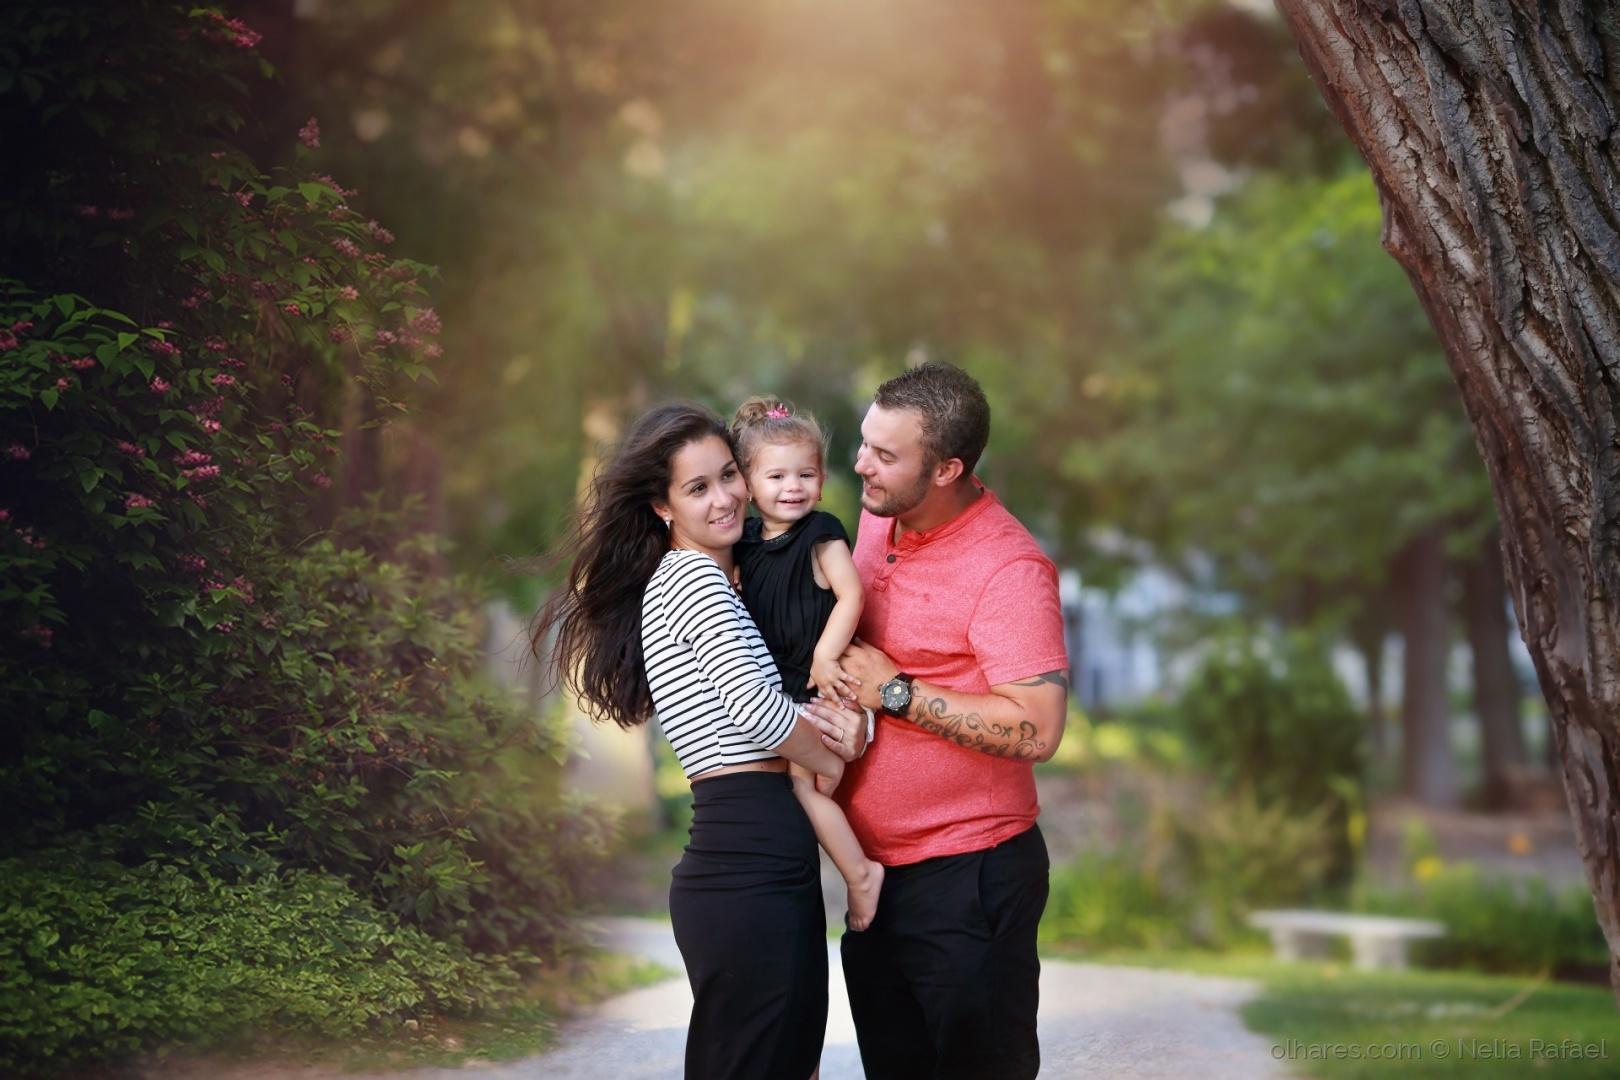 Retratos/Family